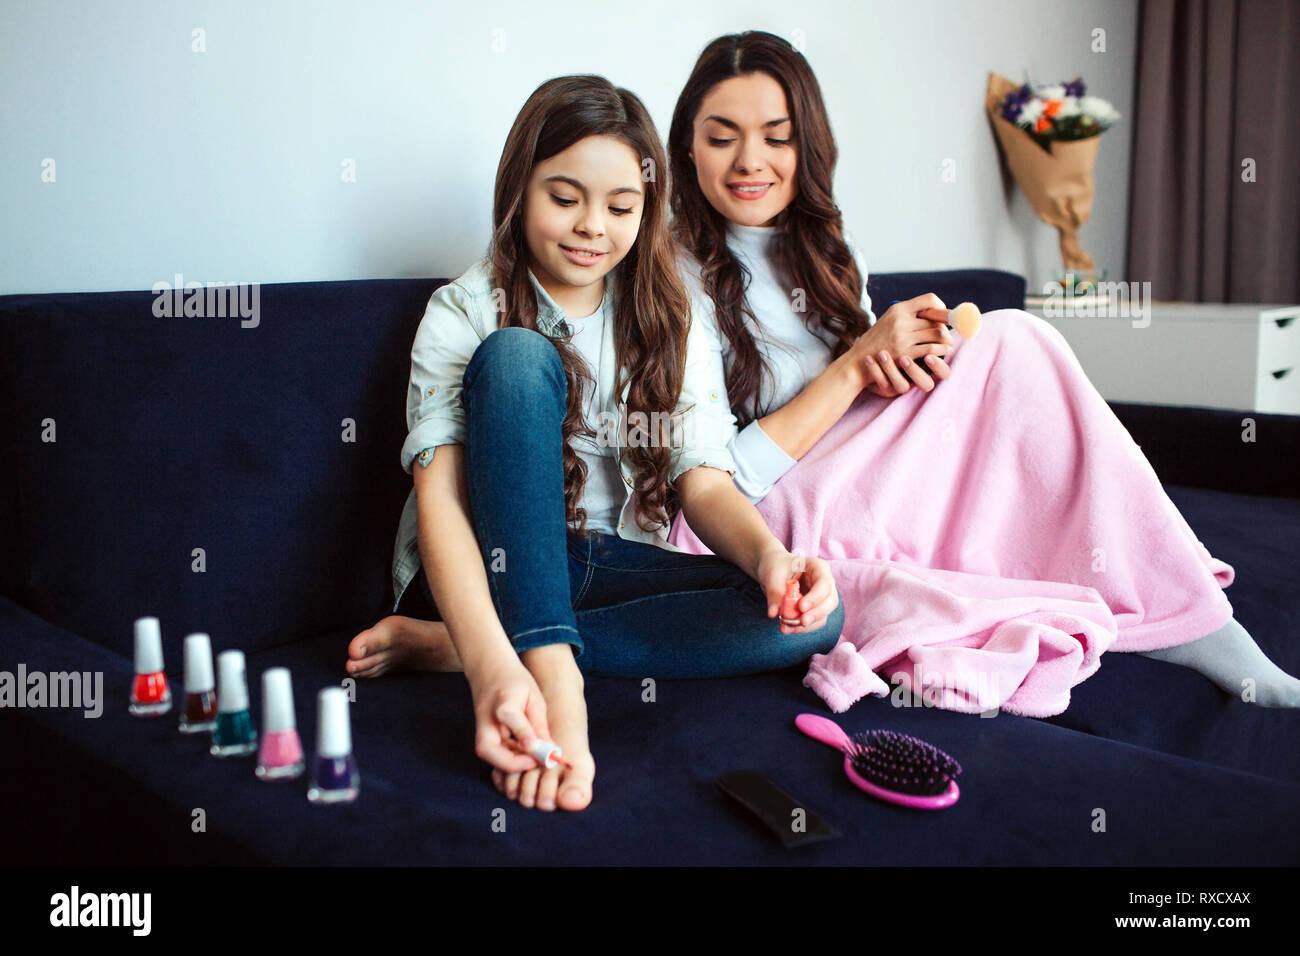 Belle brune portrait mère et fille s'asseoir ensemble dans la chambre. L'utilisation de vernis à ongles rose fille sur les orteils. Maman s'dowwn à elle et sourire. Ils s'asseoir Banque D'Images